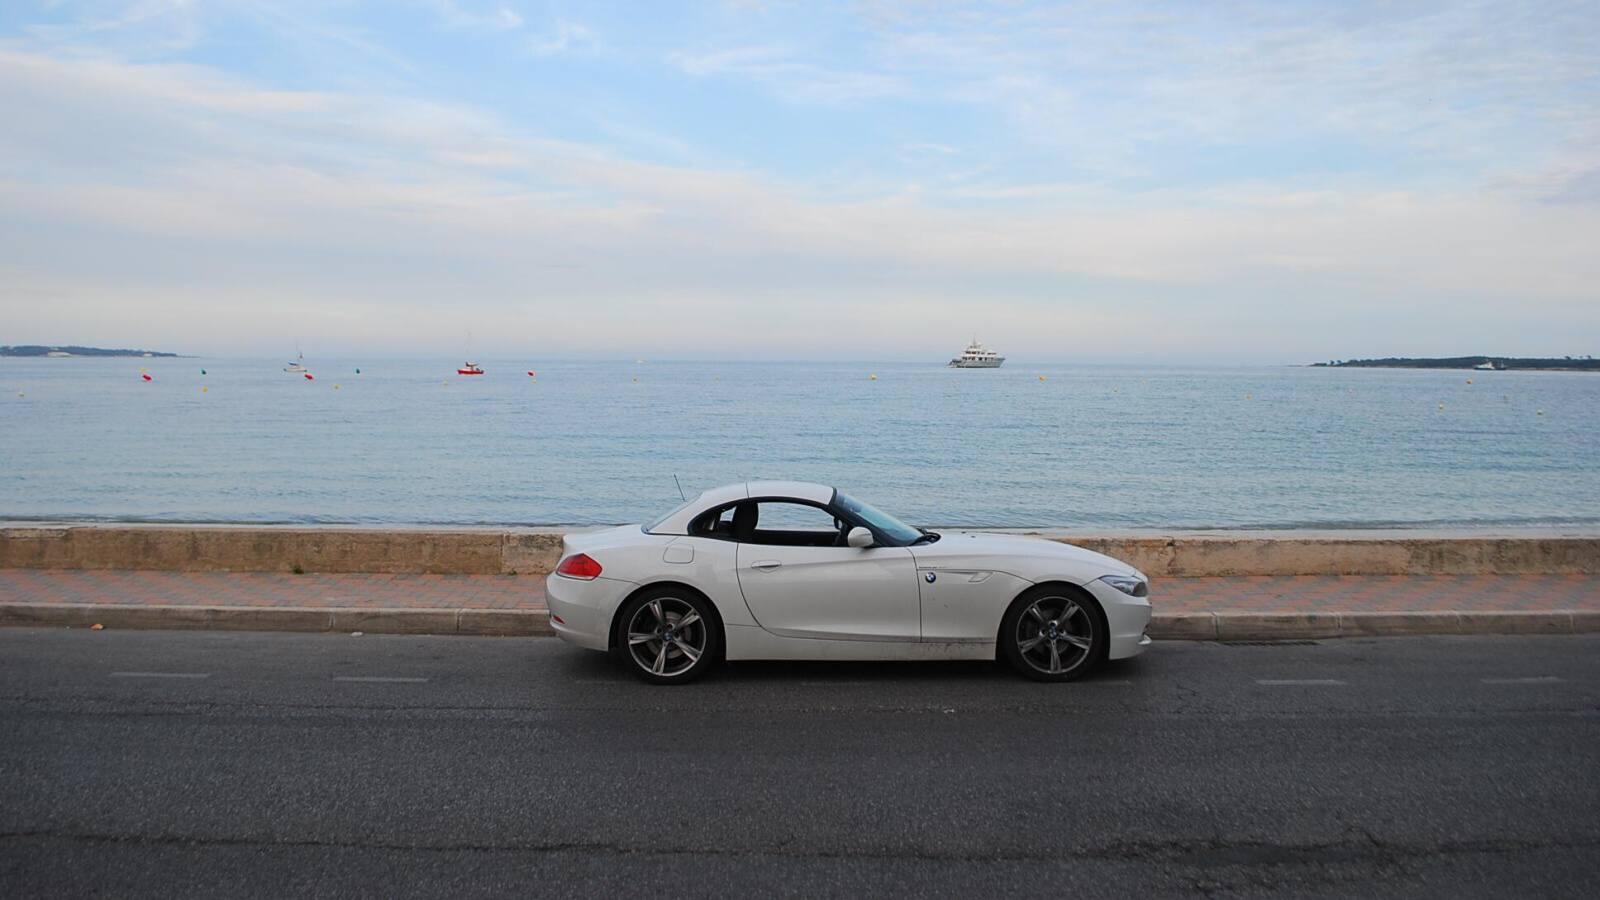 Hledání nejlepší silnice – 9. část: Cannes a Monte Carlo